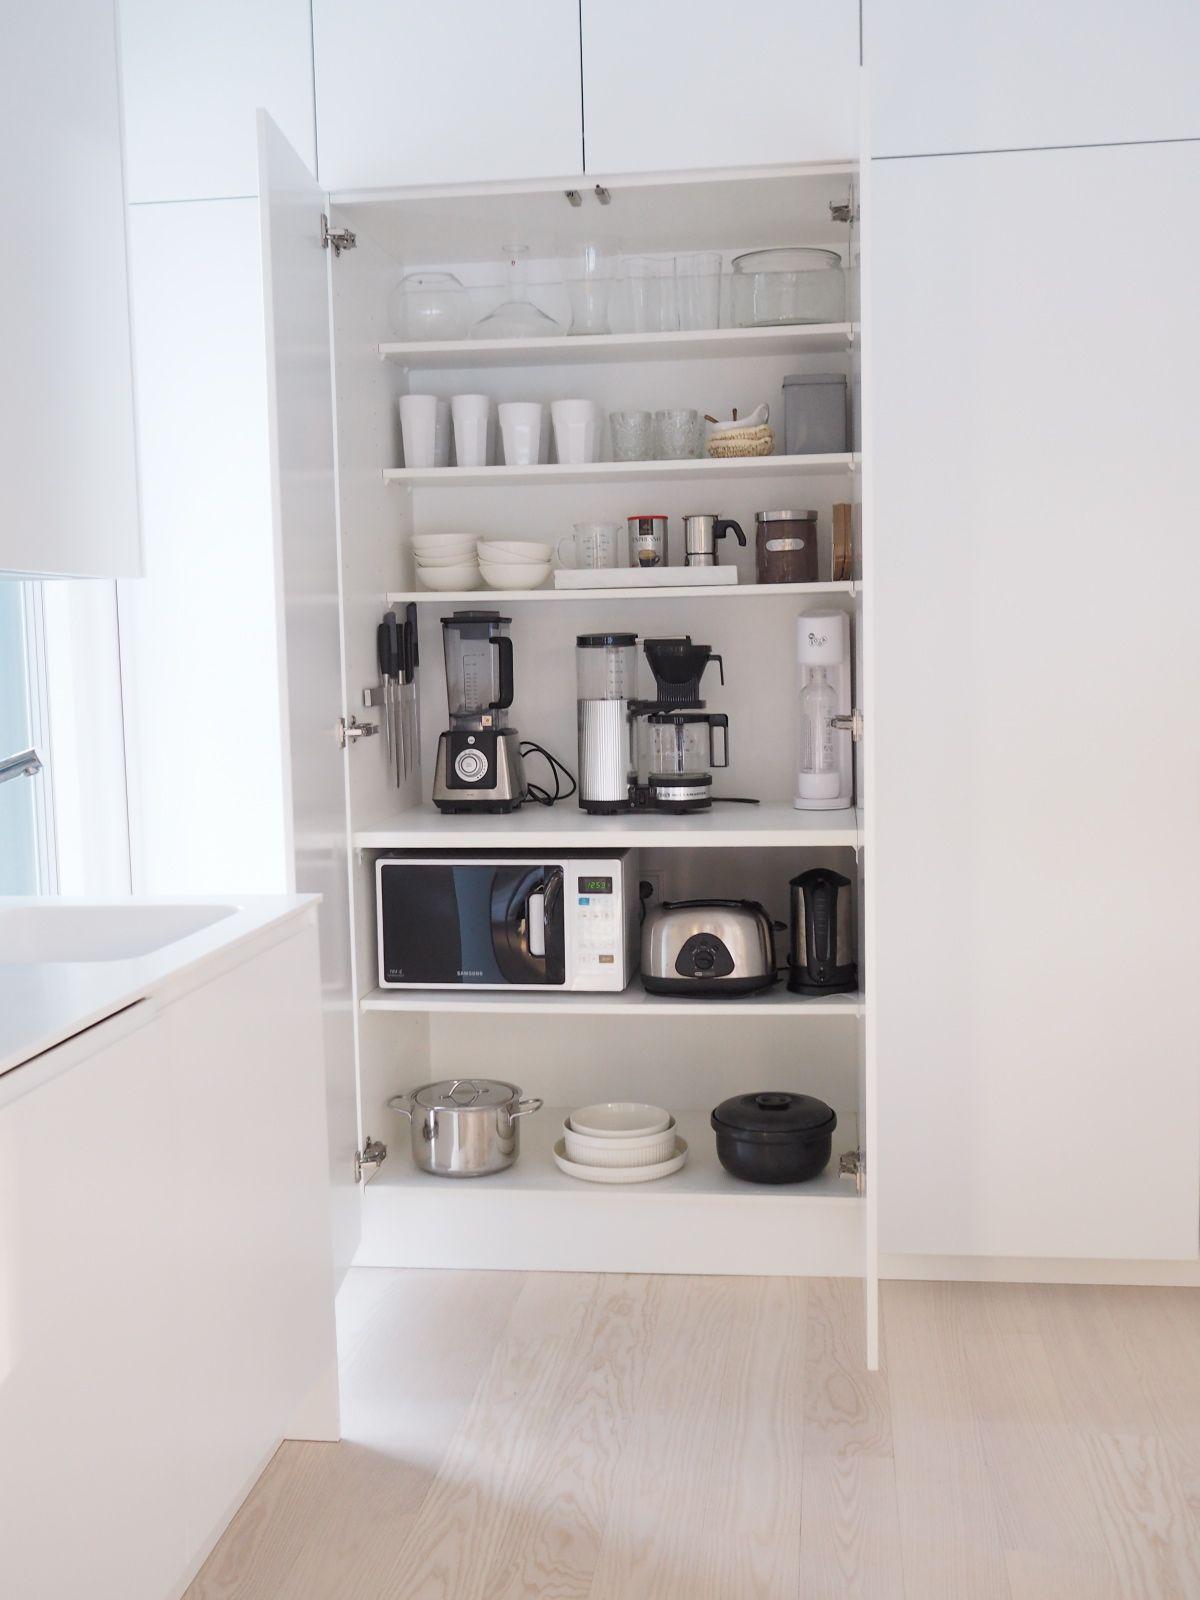 Aamiaiskaappi keittiössä